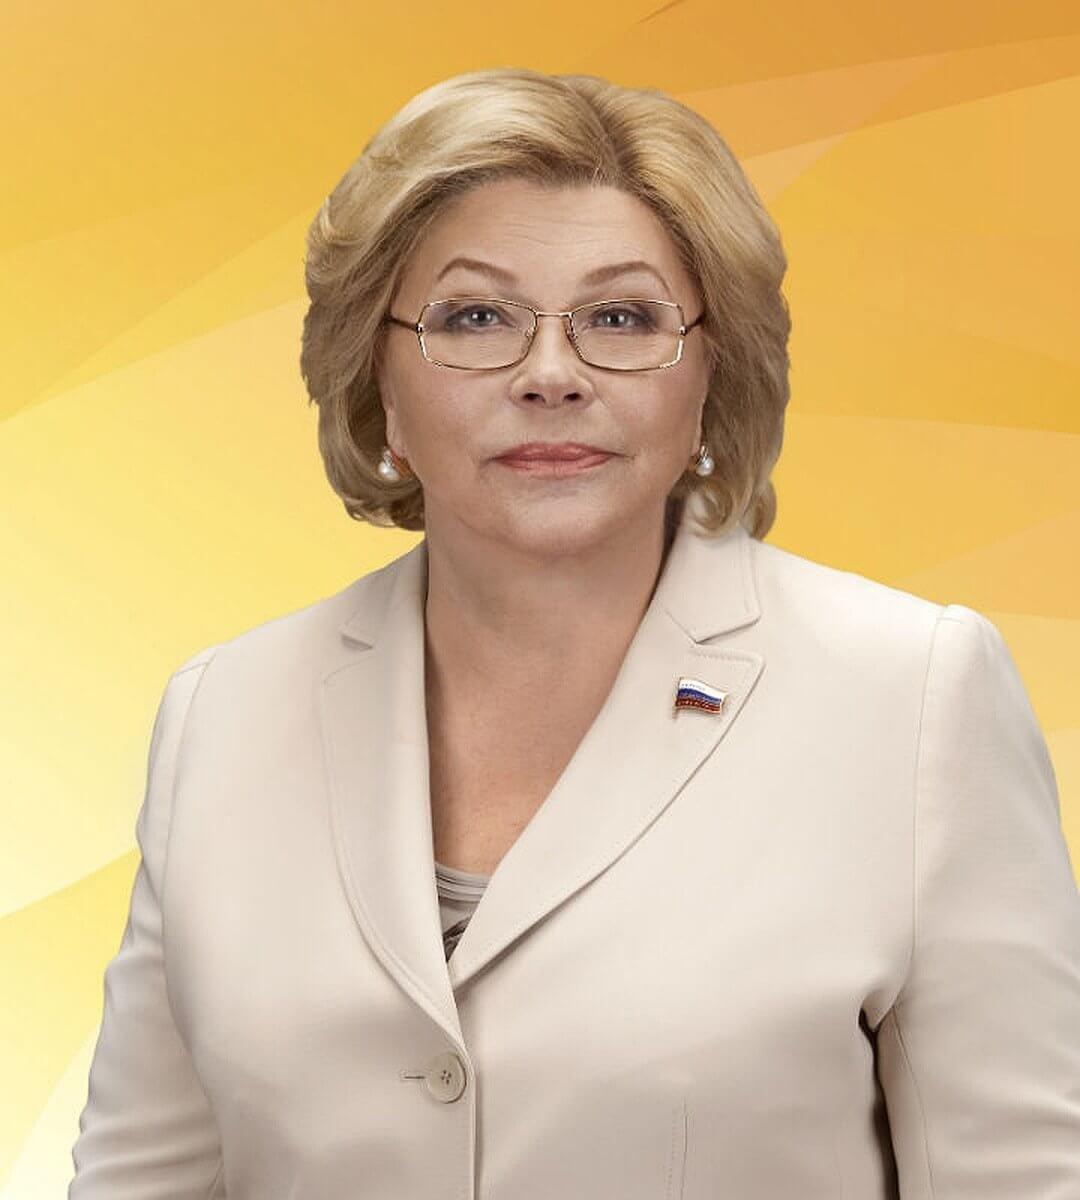 государственной думы Елена Драпеко - Виды и производители ламп для солярия